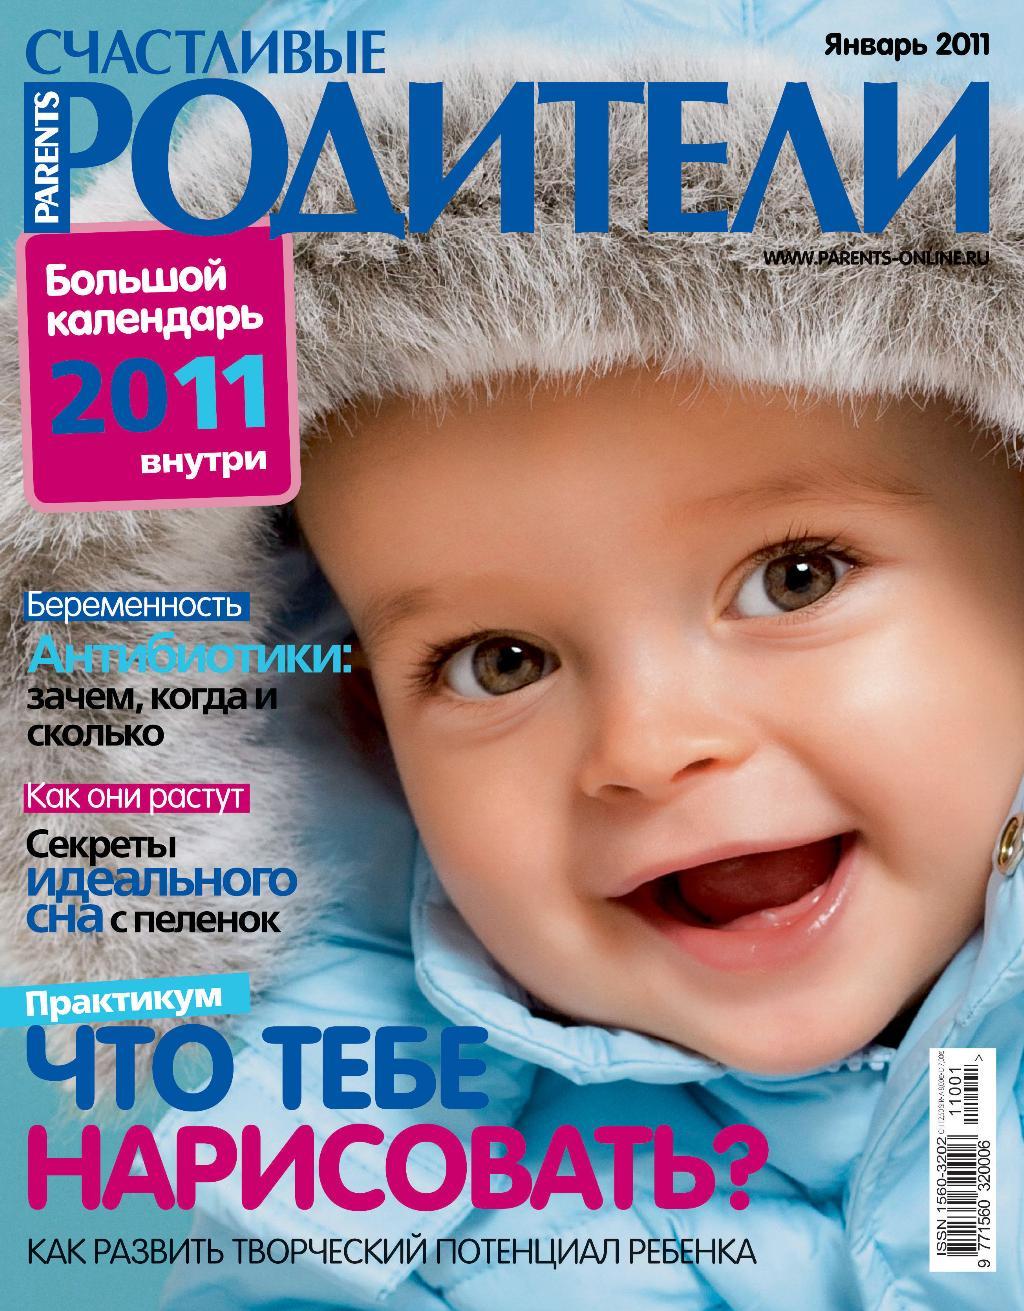 Журнал . Конкурс 'Лучшая новогодняя обложка — 2011'